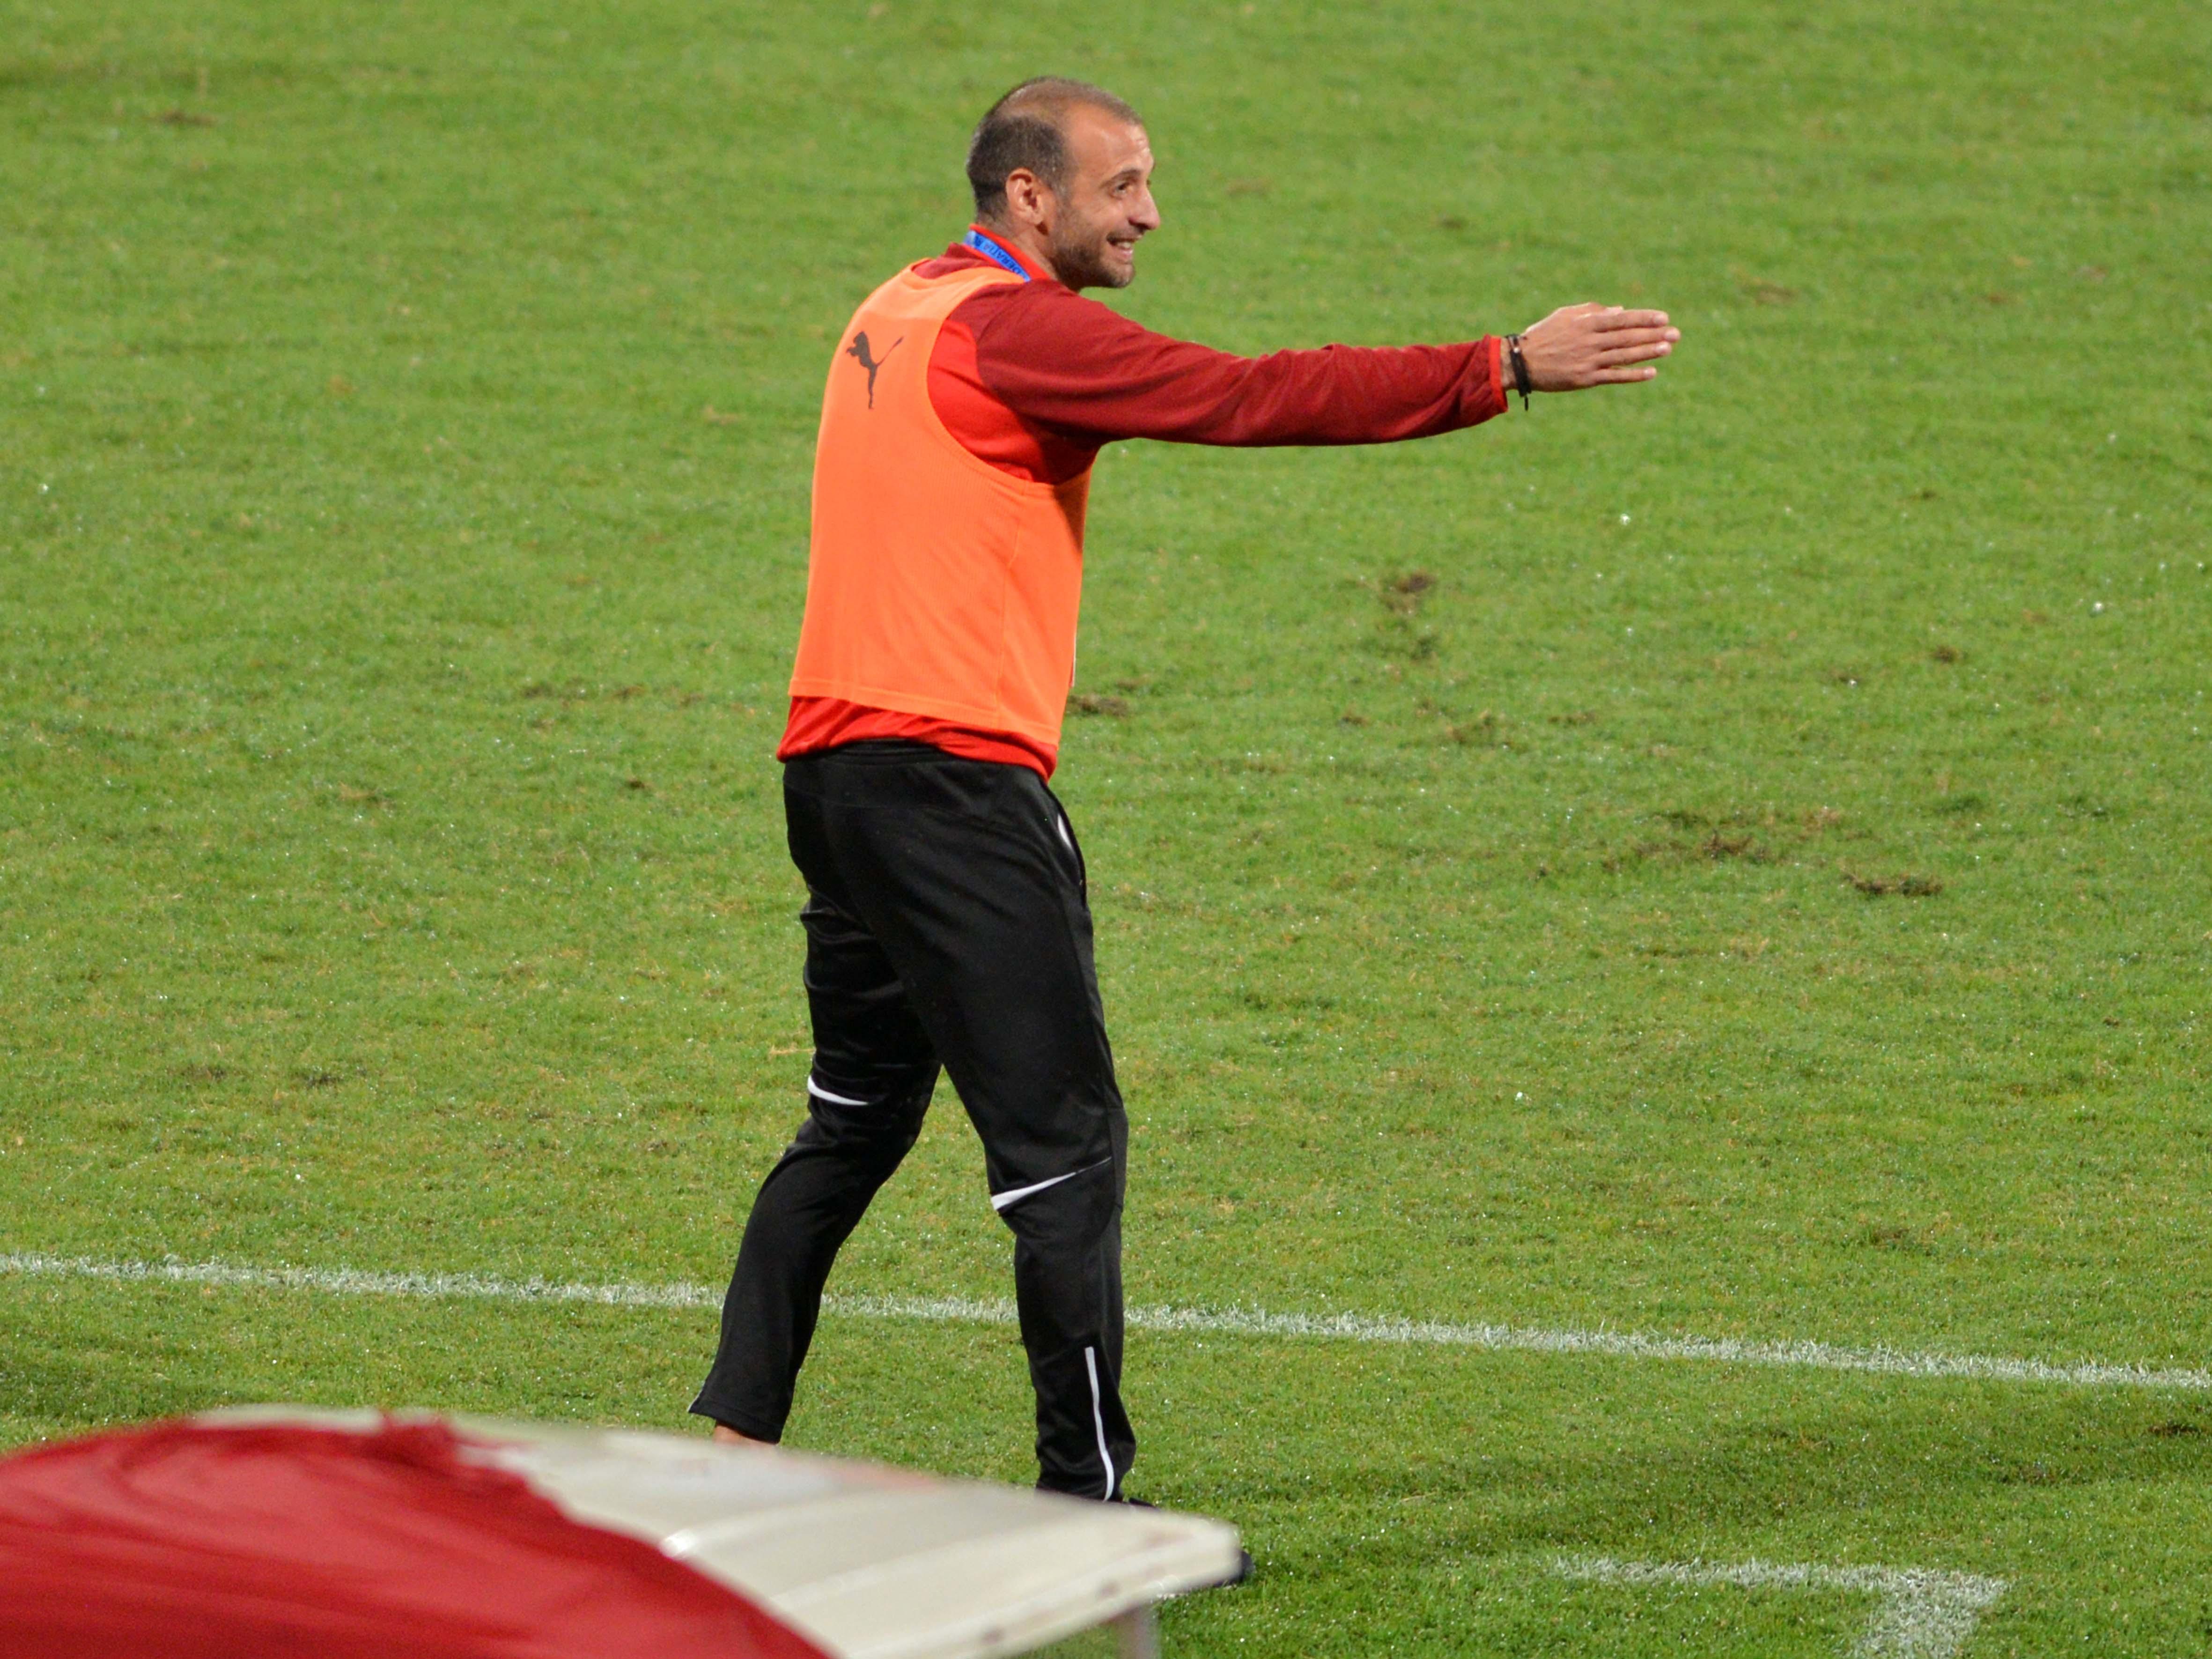 Dinu Todoran e noul antrenor de la FC Voluntari! Tehnicianul ilfovenilor oferă indicaţii în timpul unei şedinţe de pregătire a echipei